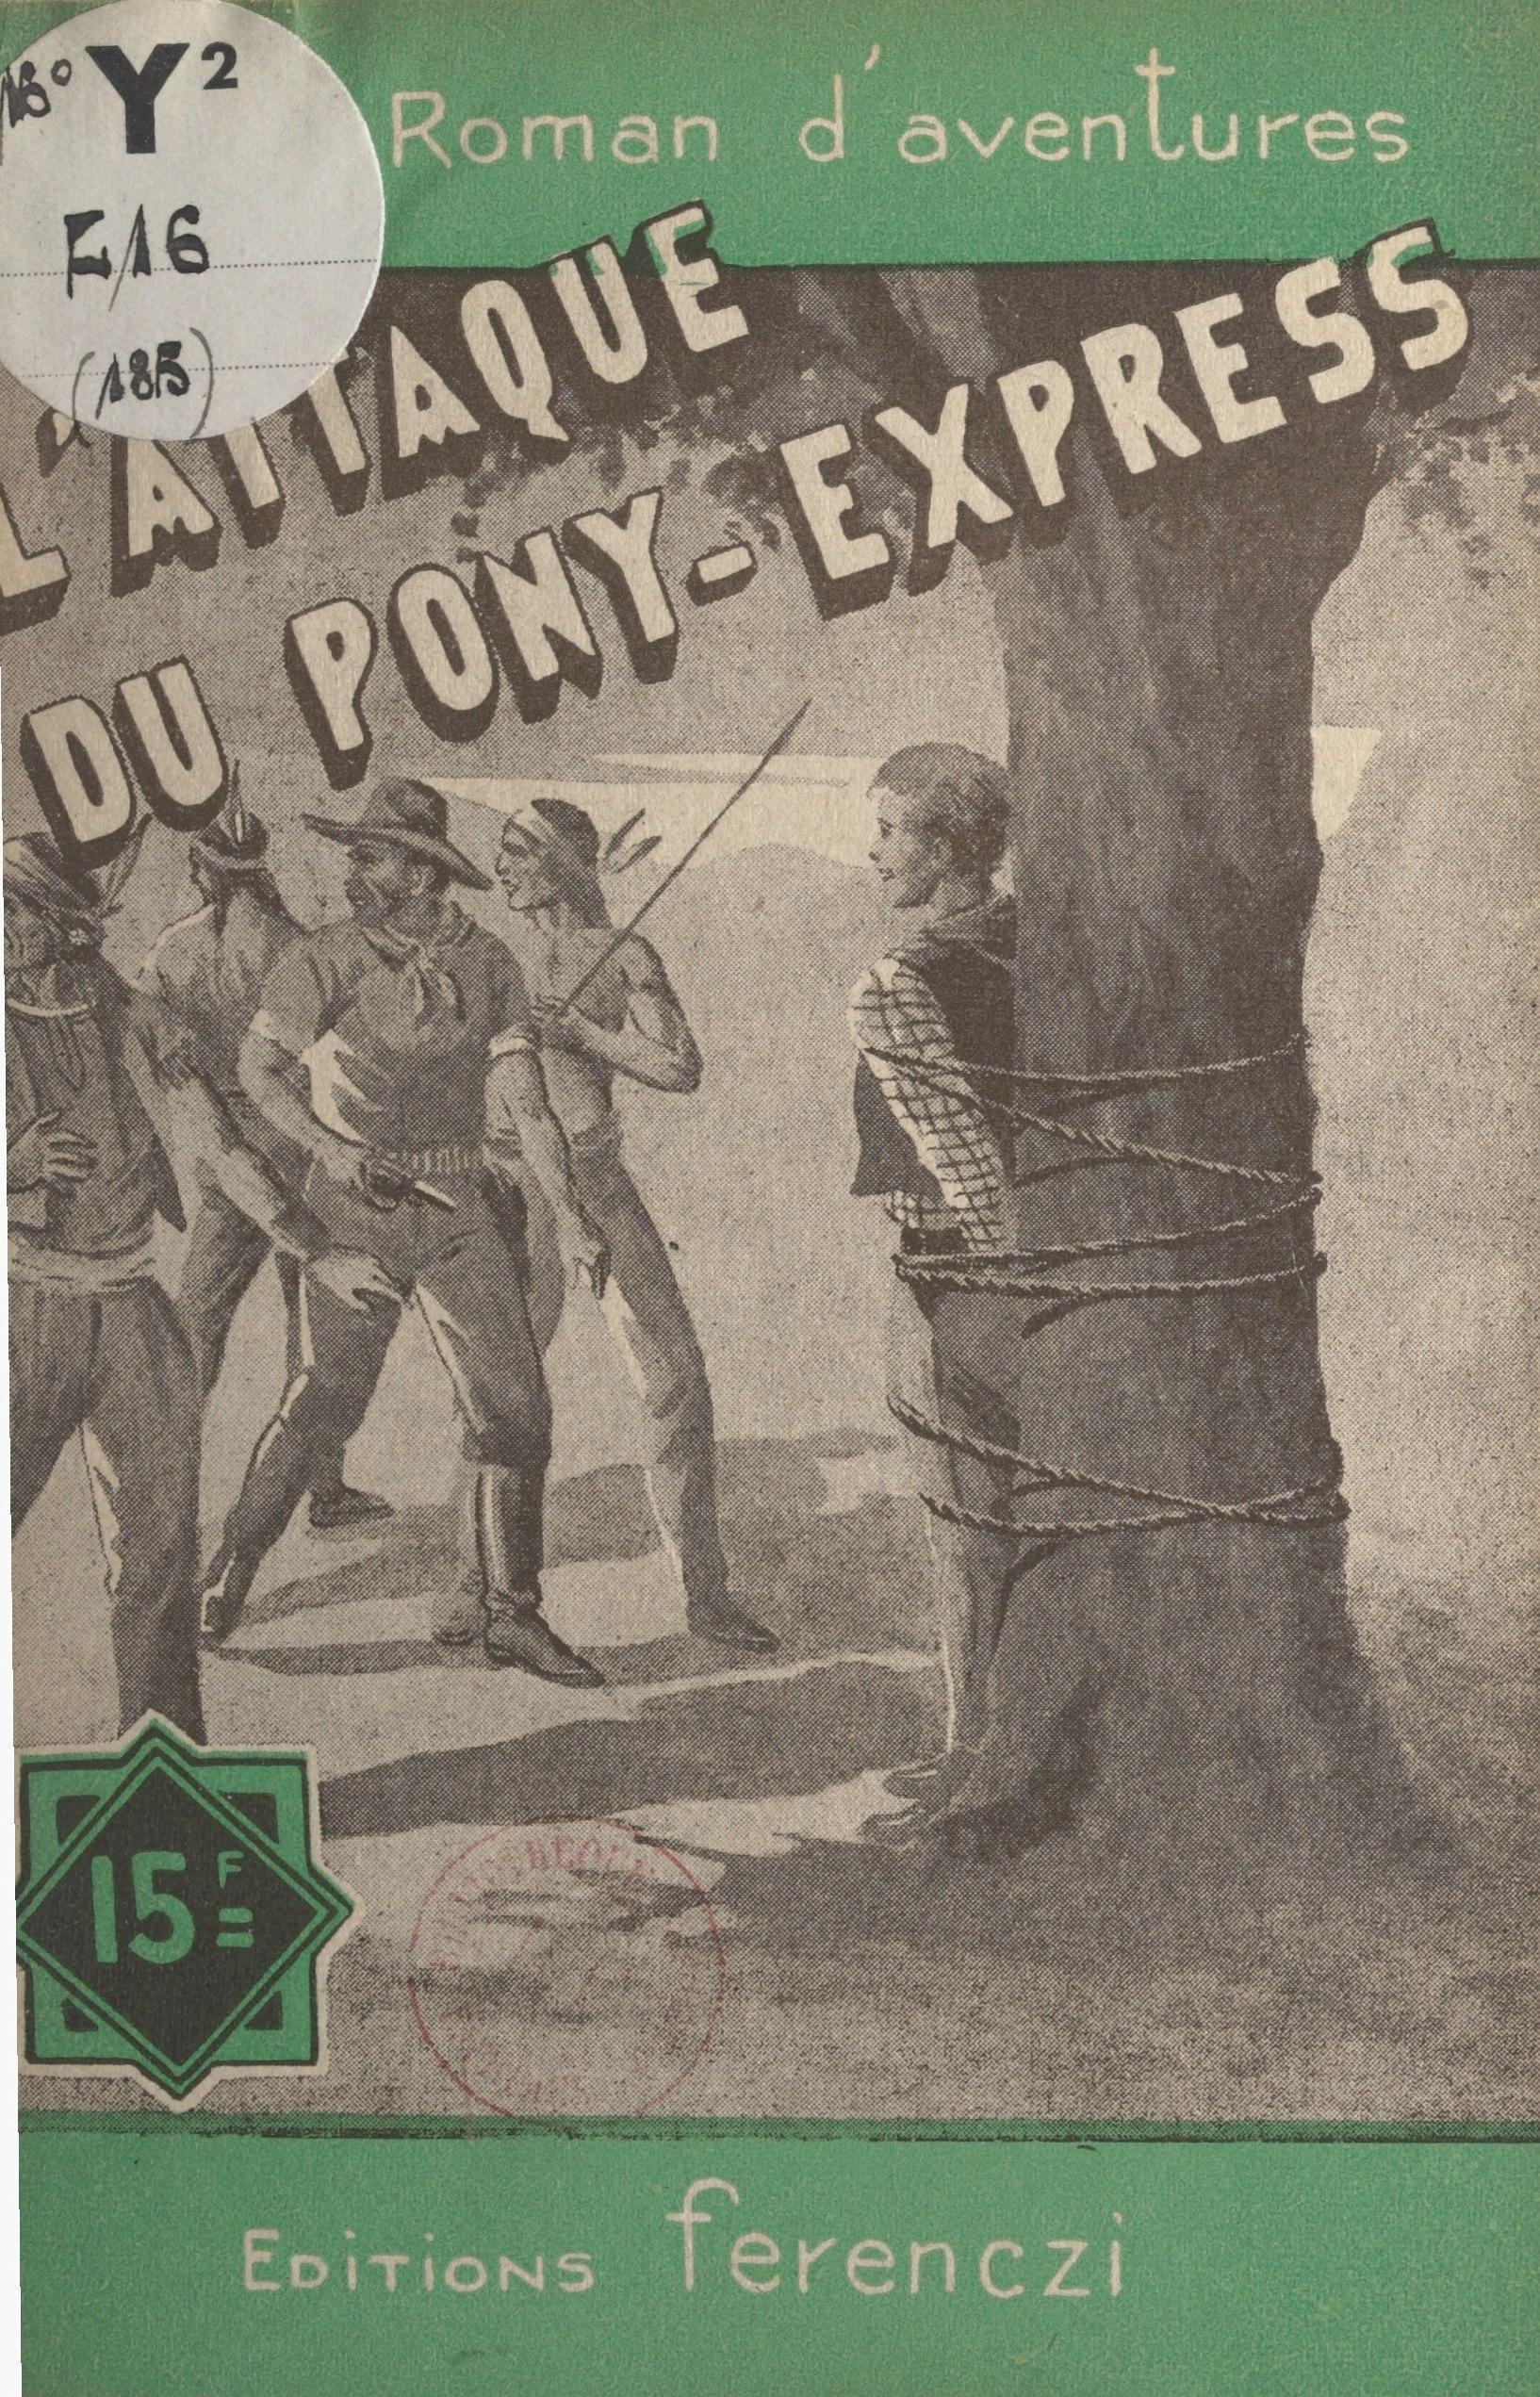 L'attaque du Pony-Express